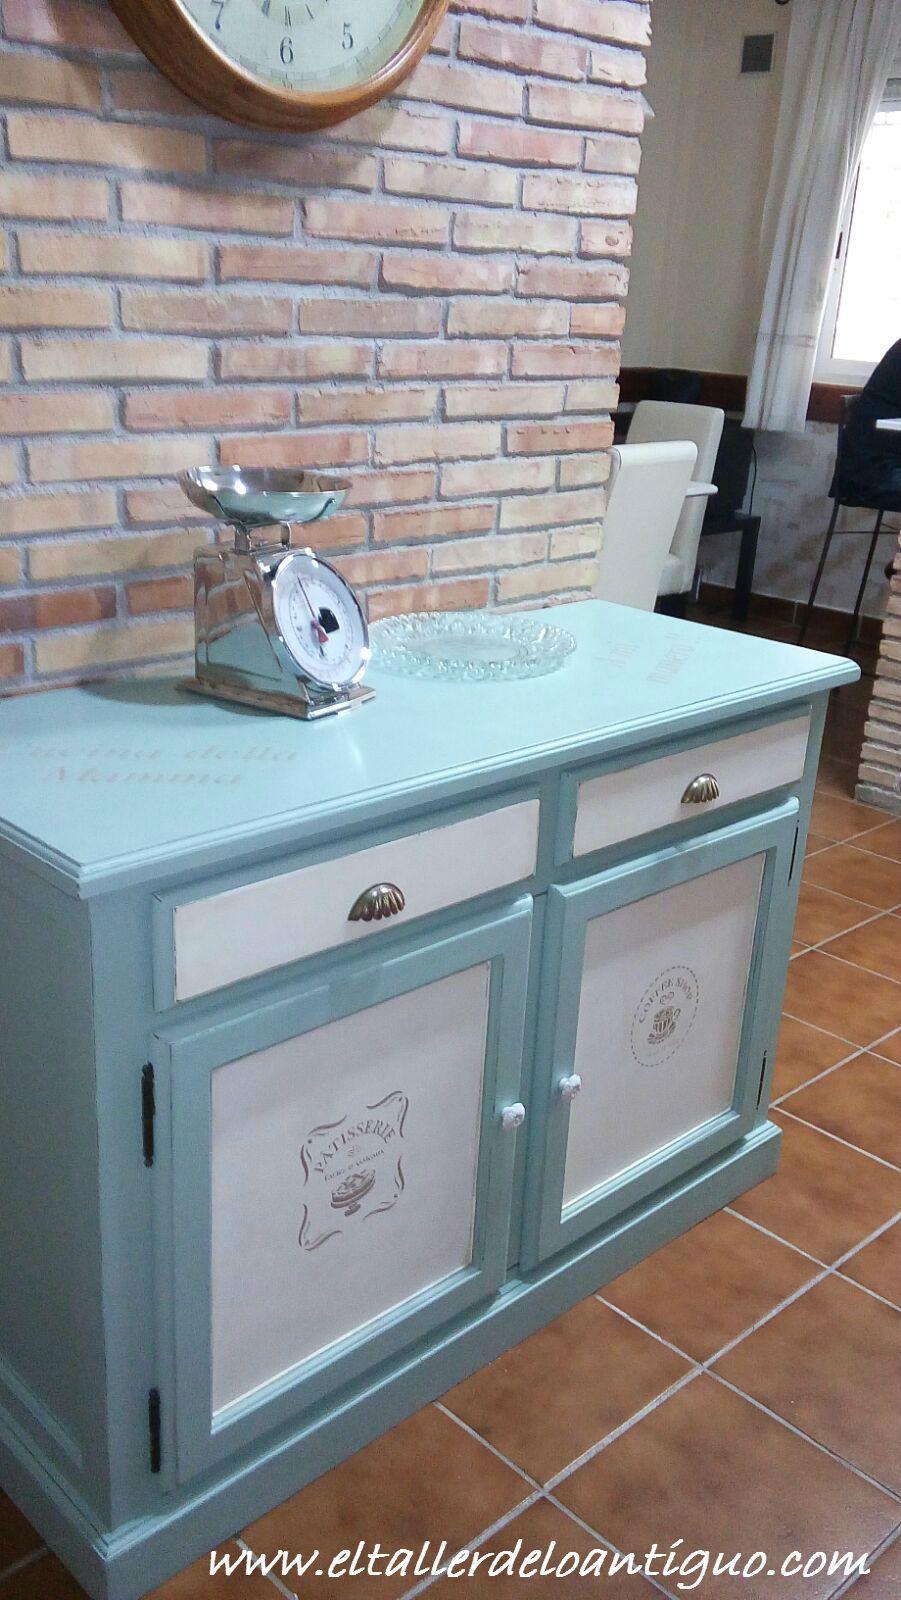 Pintar mueble de cocina, la cocina de la mama, trabajo personalizado ...